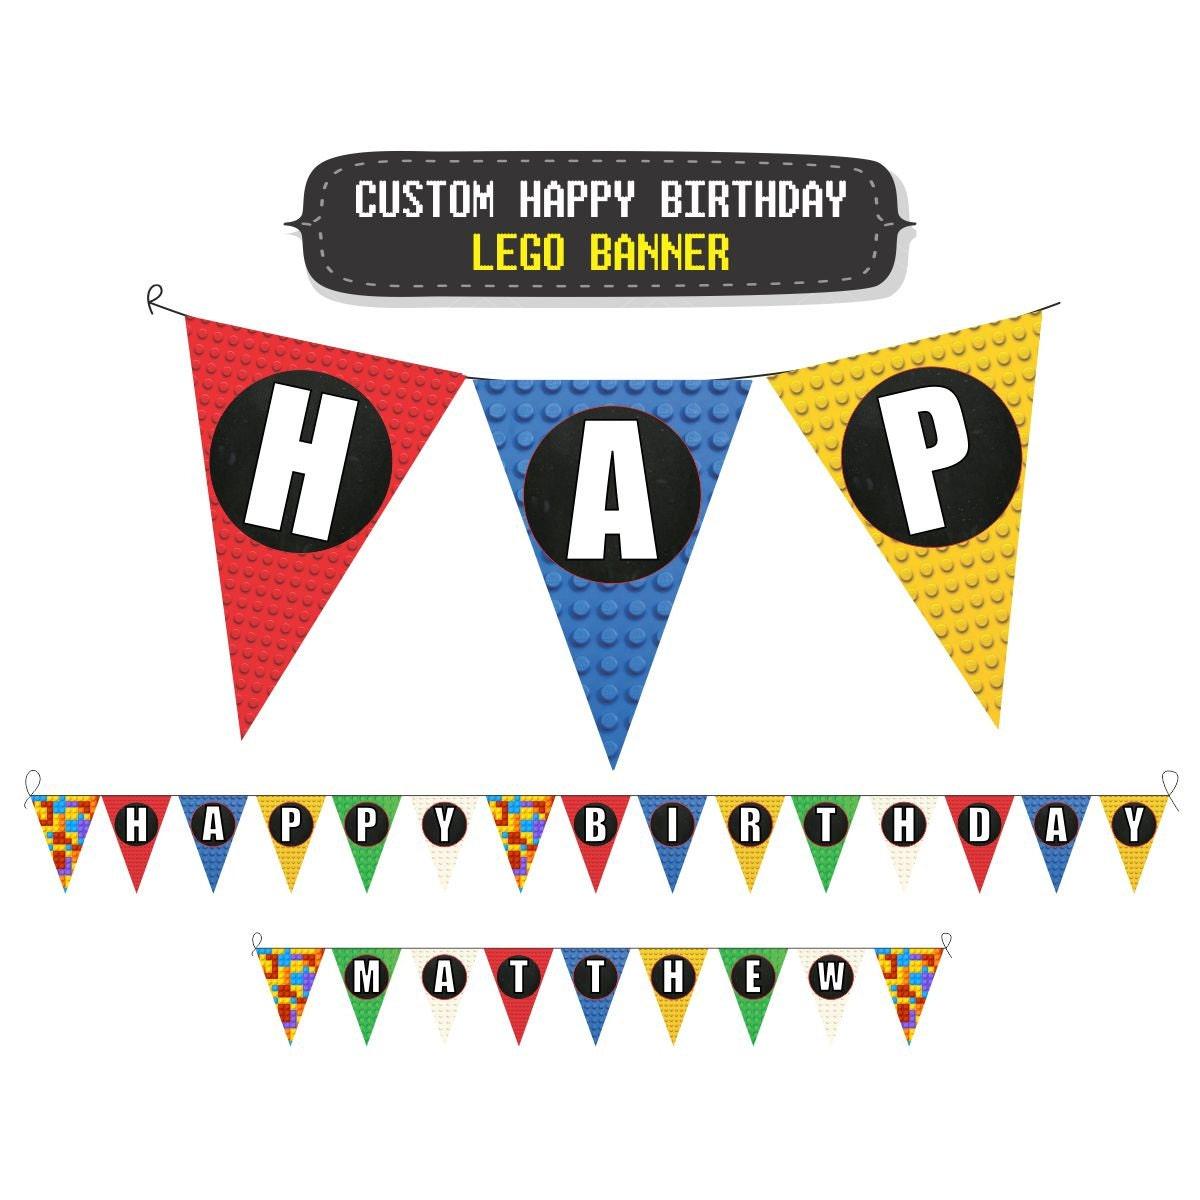 Custom Lego Birthday Party Banner Lego Happy Birthday By